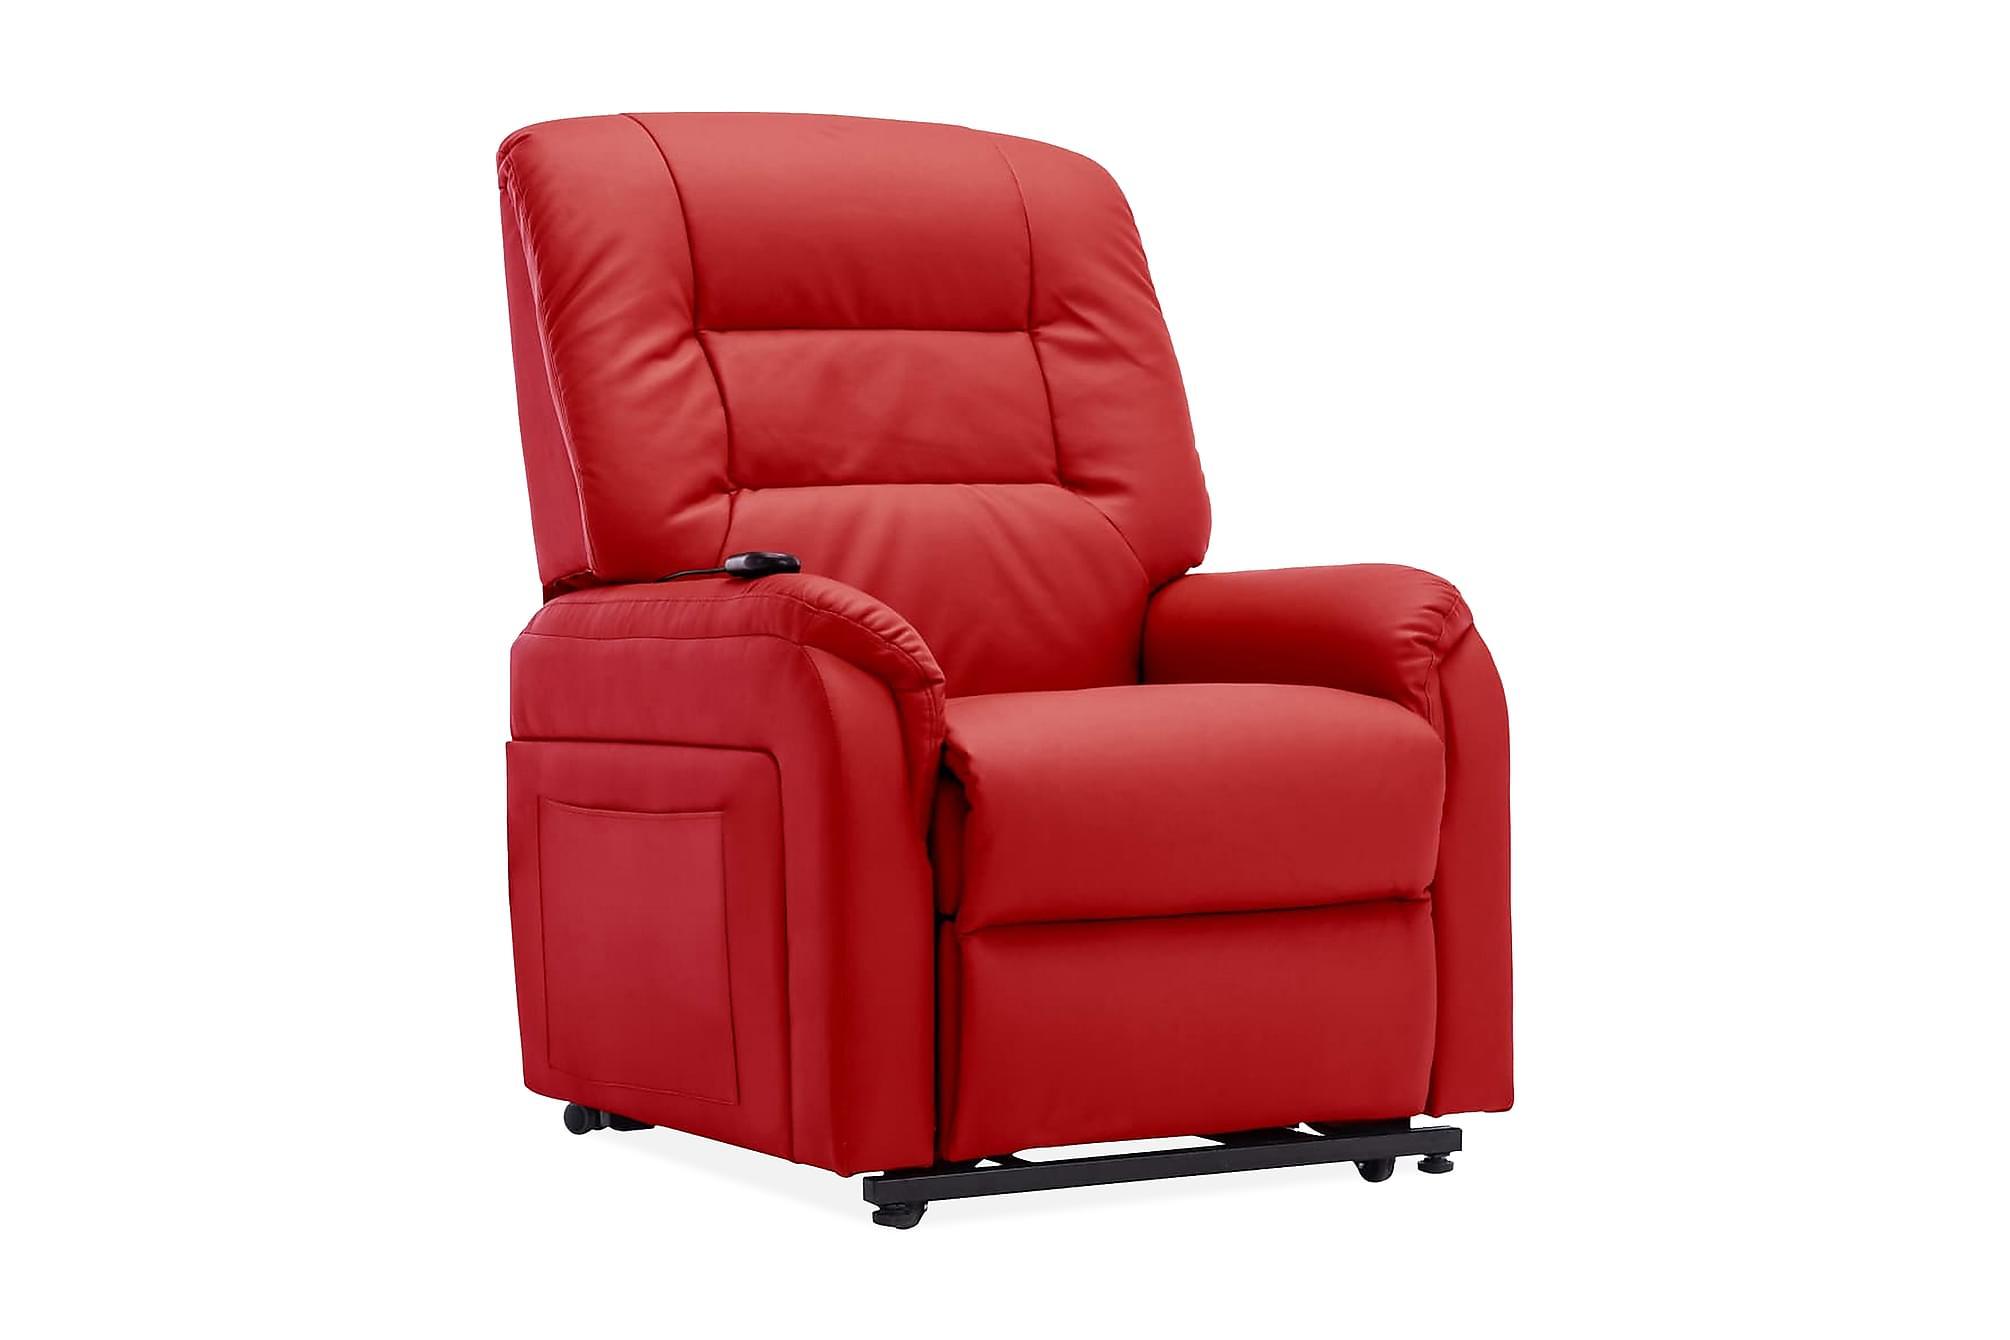 Elektrisk reclinerfåtölj med uppresningshjälp röd konstläder